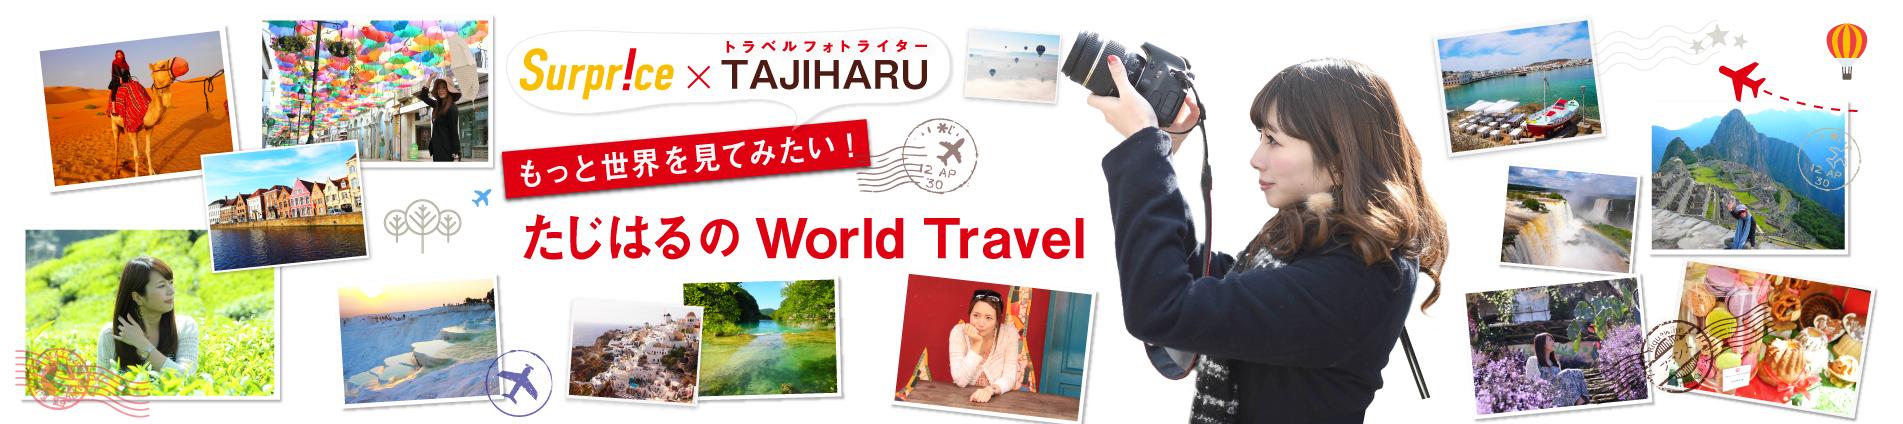 〜もっと世界を見てみたい!〜たじはるのWorld Travel